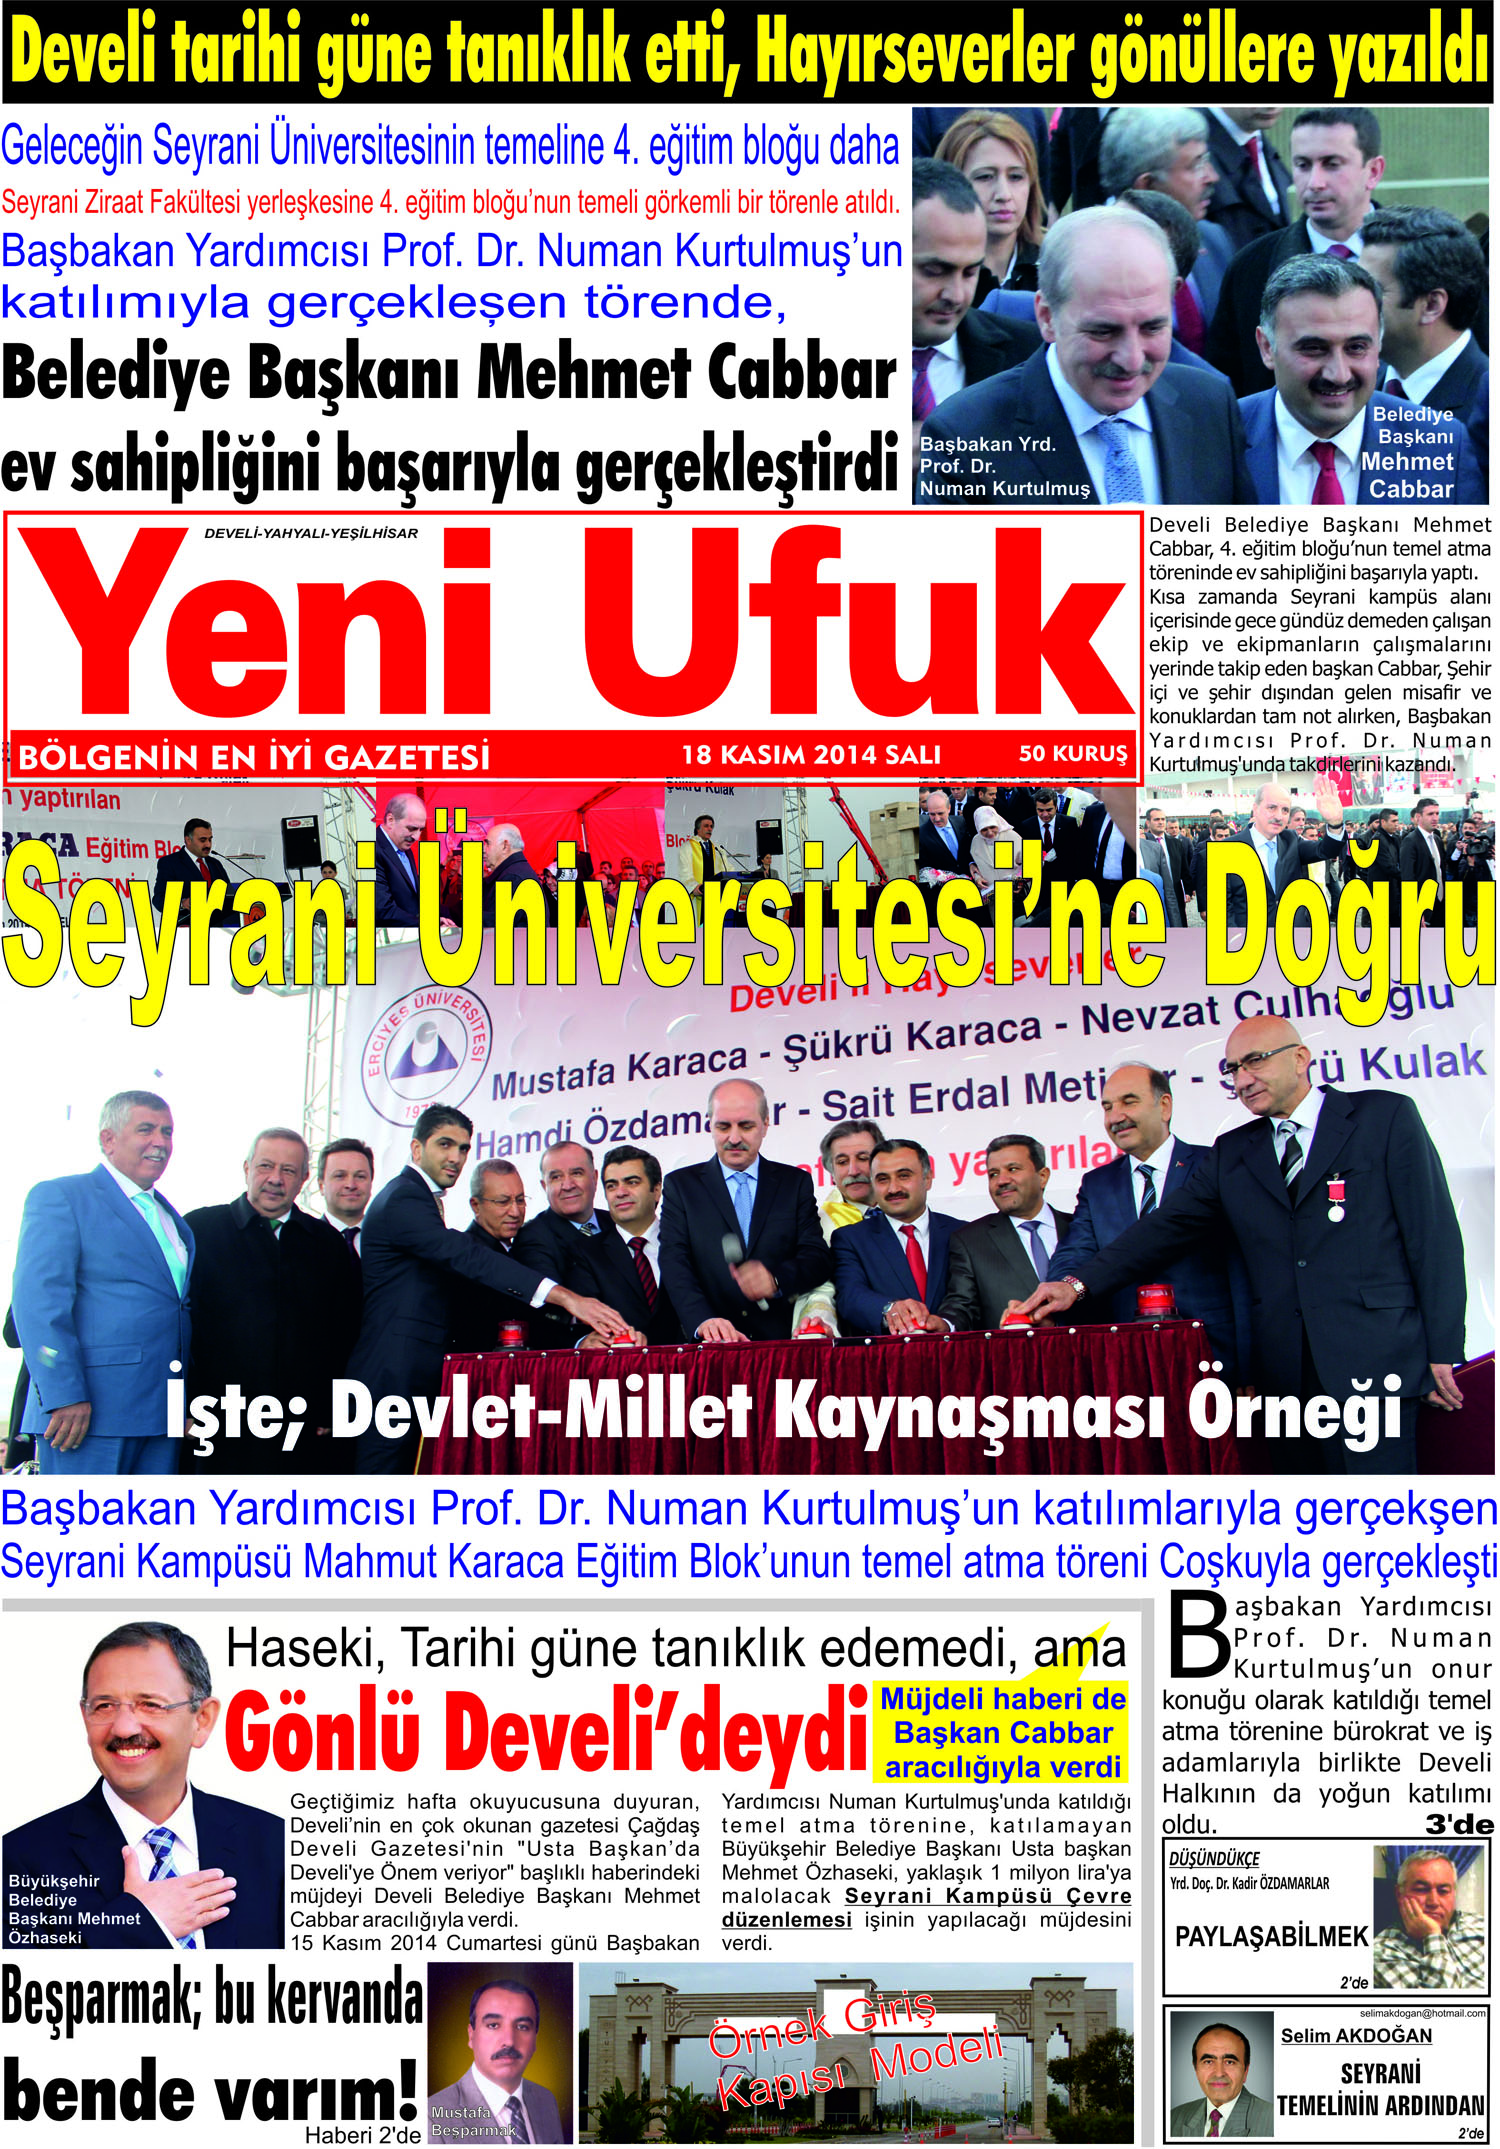 Yeni Ufuk Bölge Gazetesi 18 Kasım 2014 1. sayfa